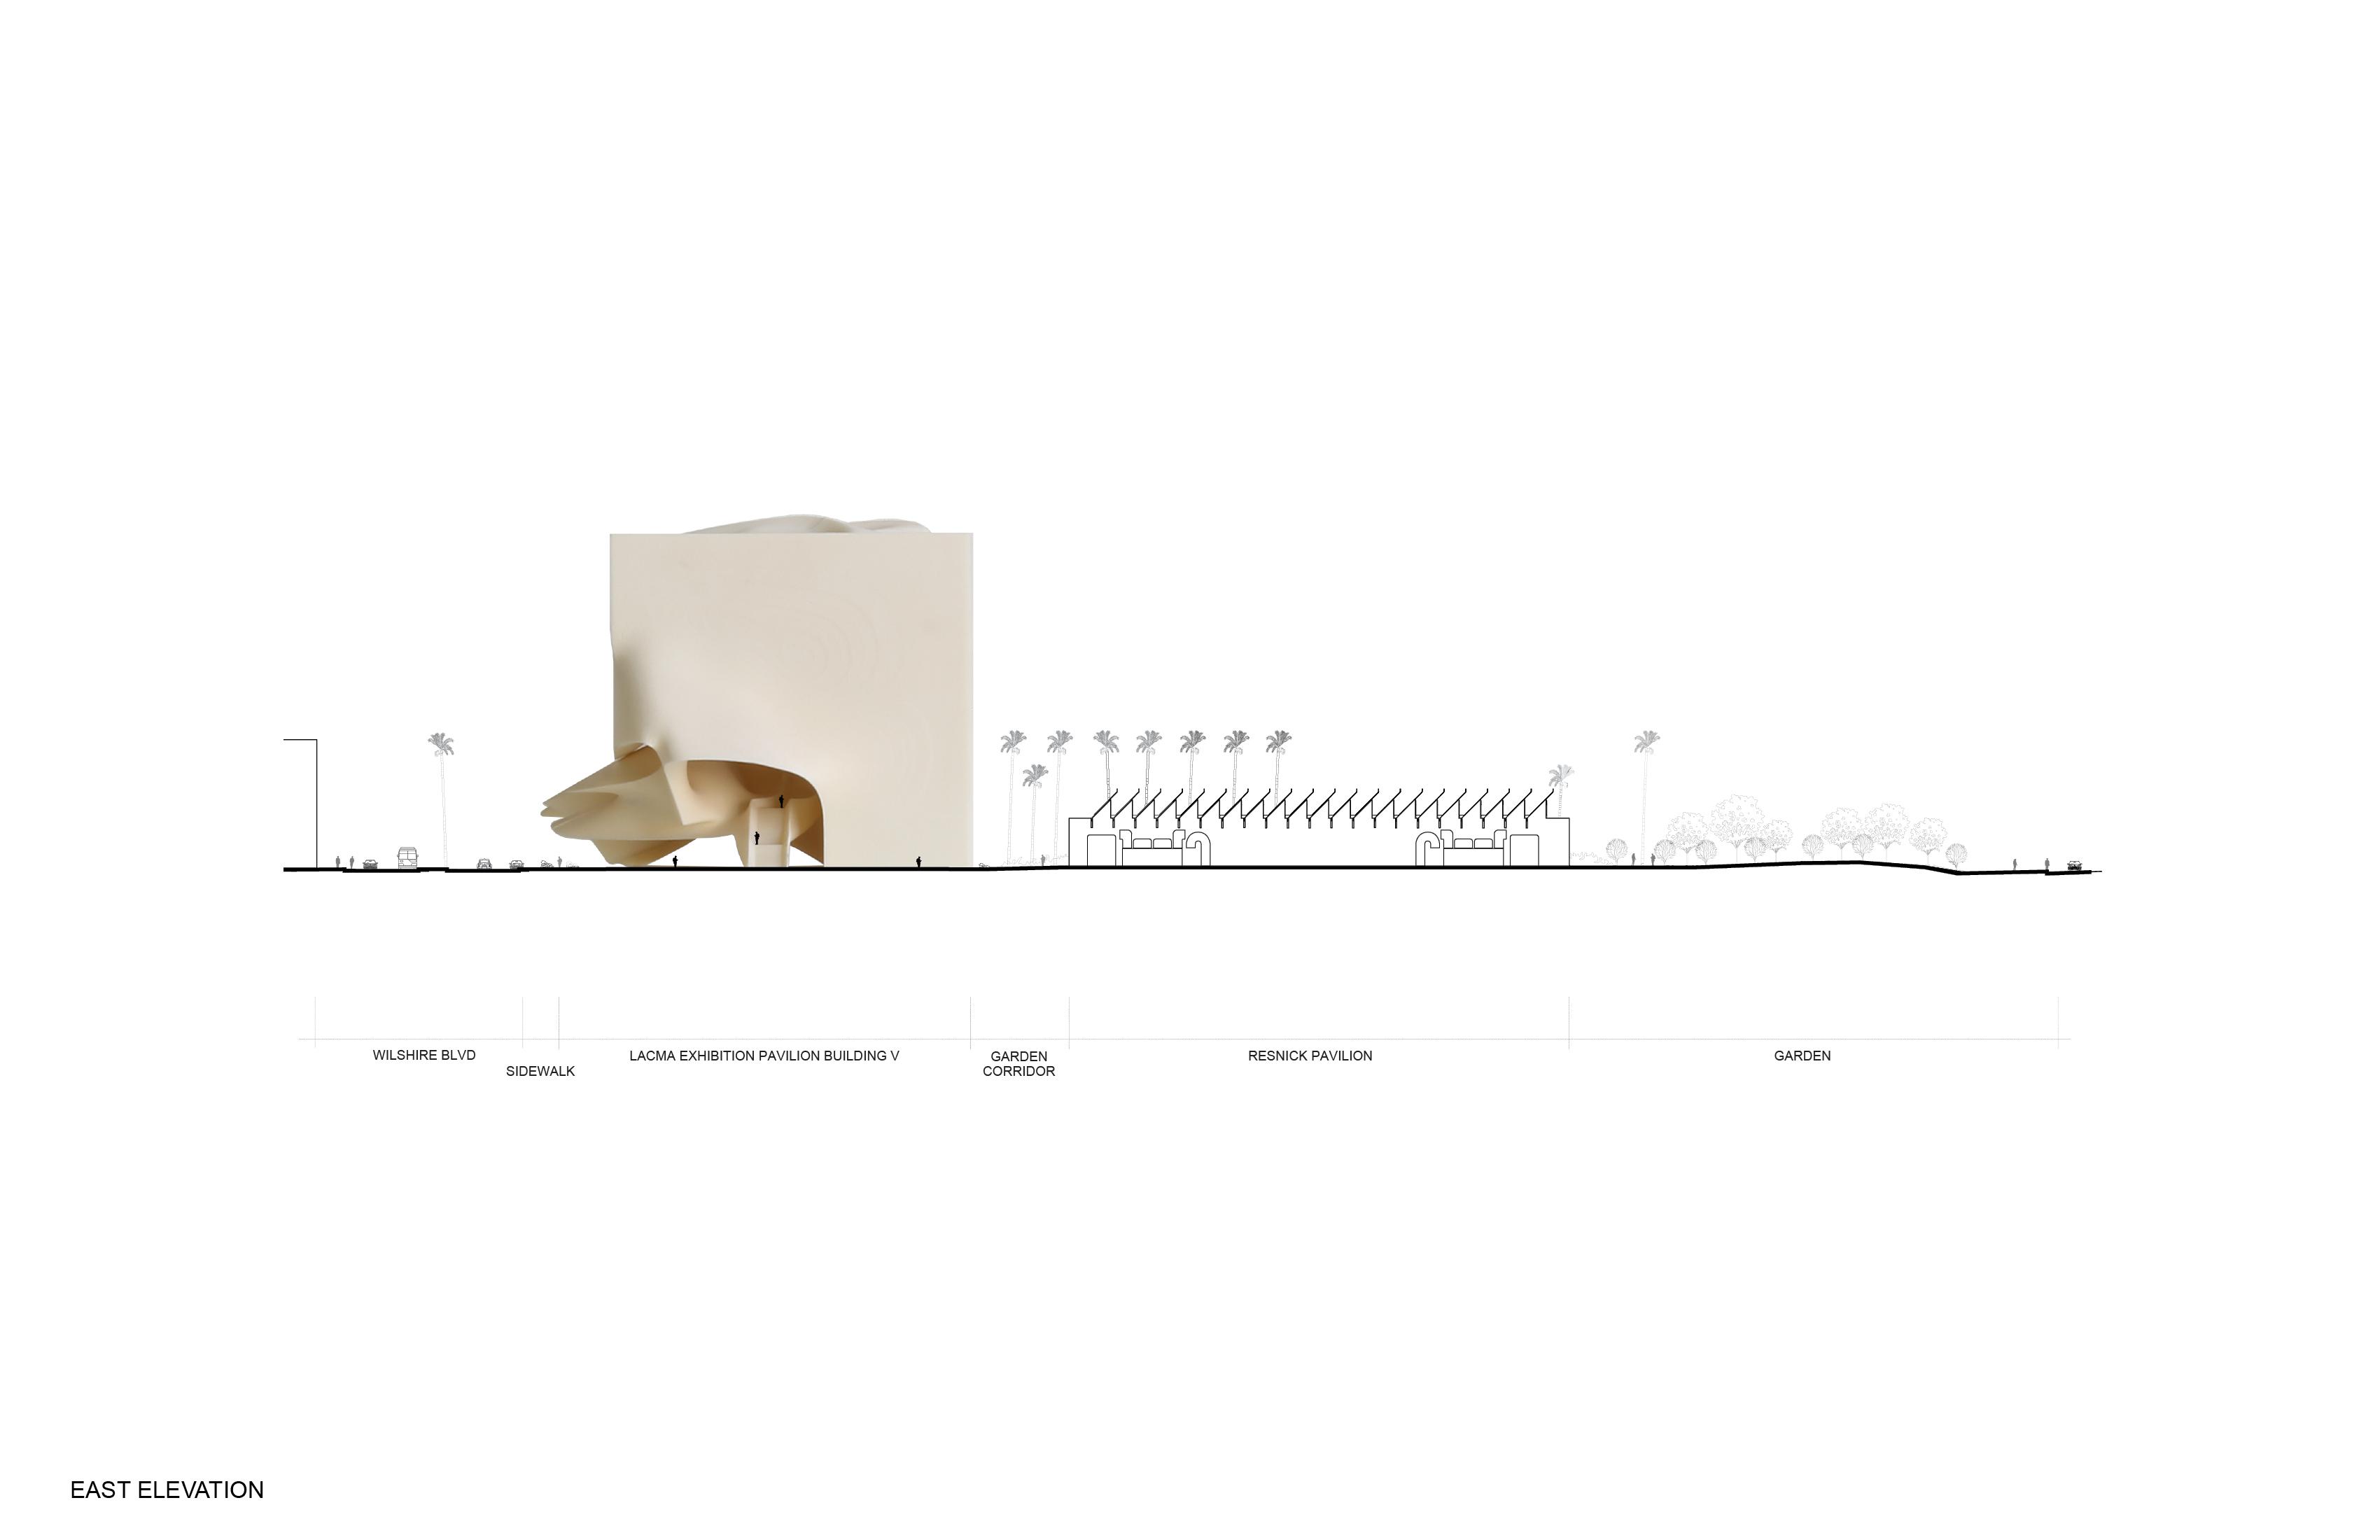 LACMA Exhibition Pavilion Building V13